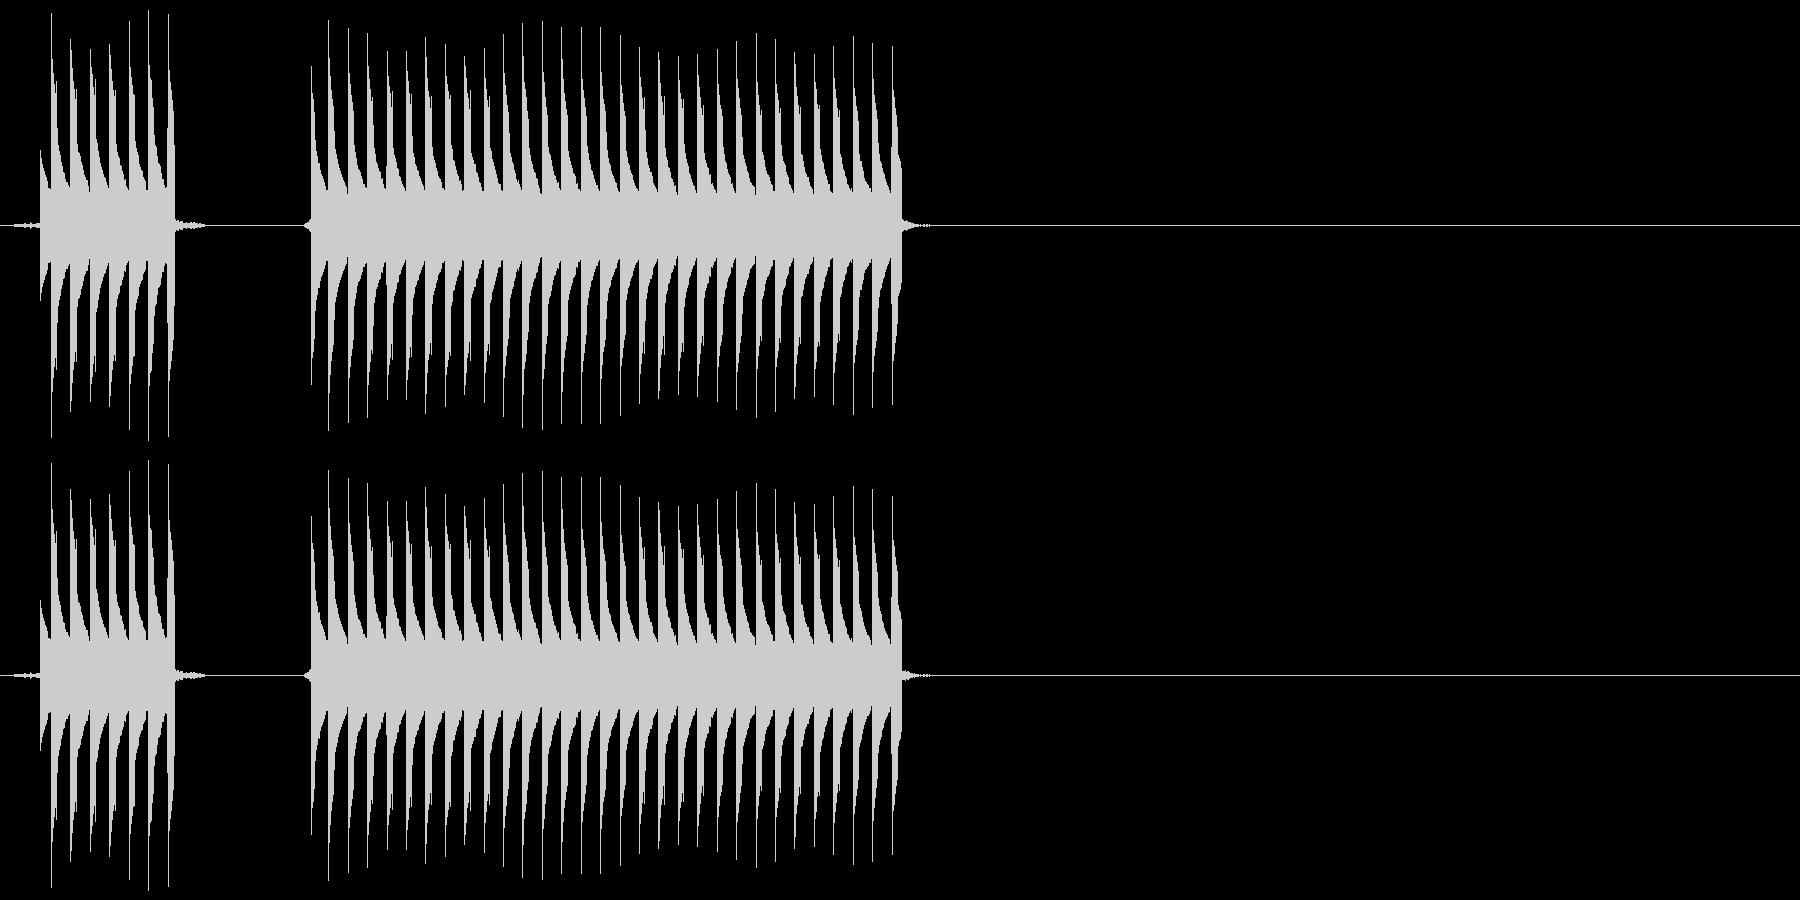 【SE】不正解02(ブブー)の未再生の波形